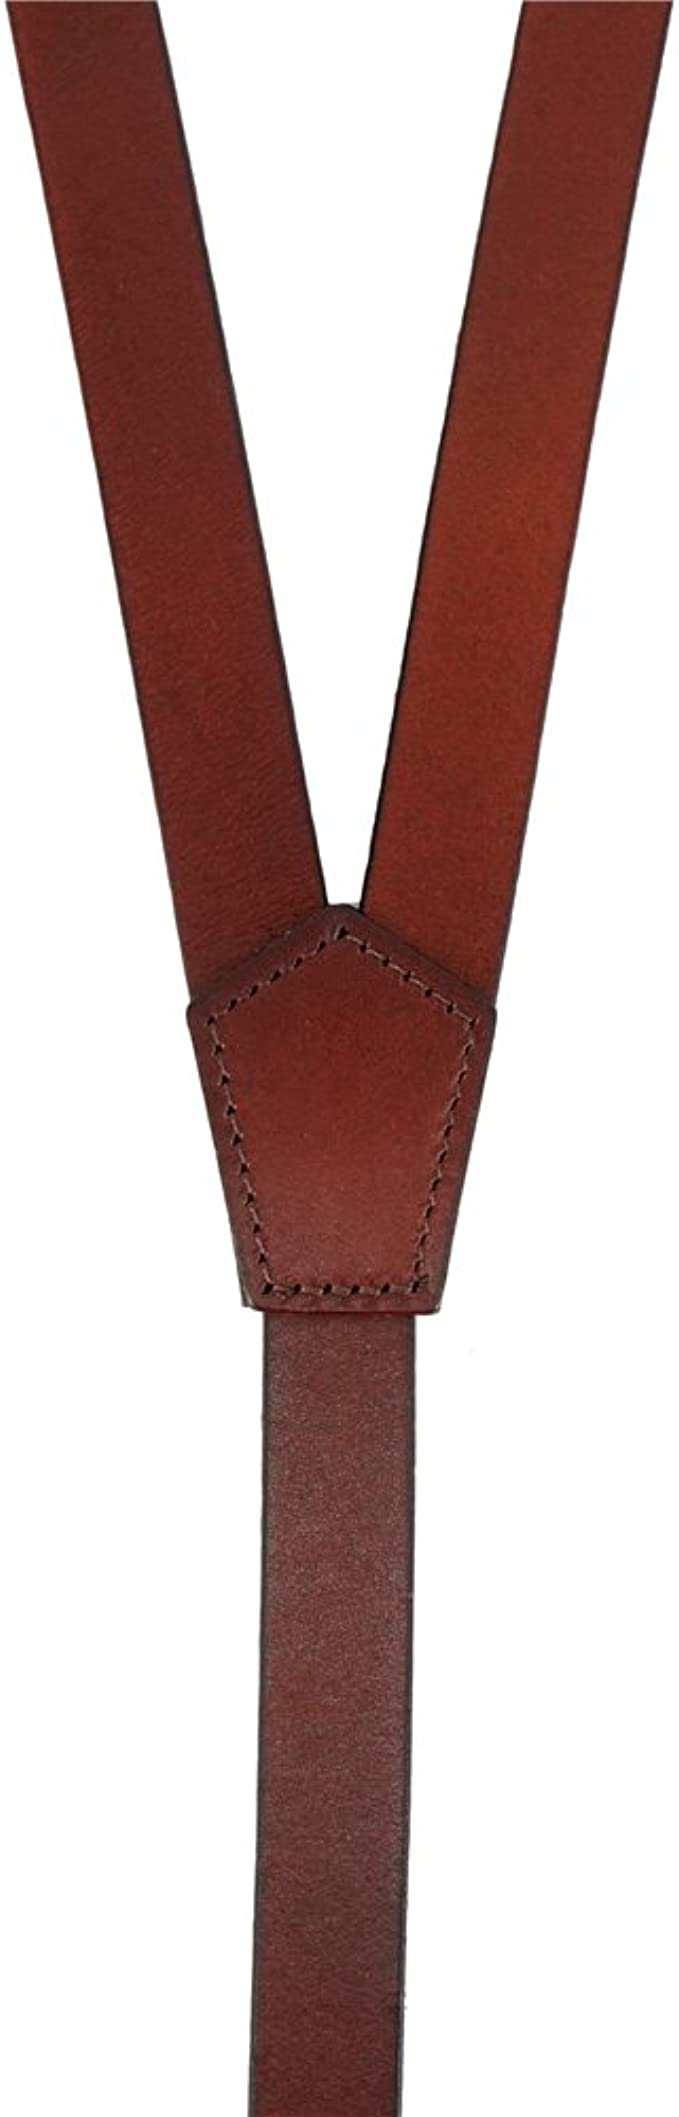 3 Ganchos de Presión Cuero Genuino de Color Rojizo Marrón Brillante Elegante y Formal Ideal para Vestir Casual Lawevan Tirantes Hombre Estilo Steampunk